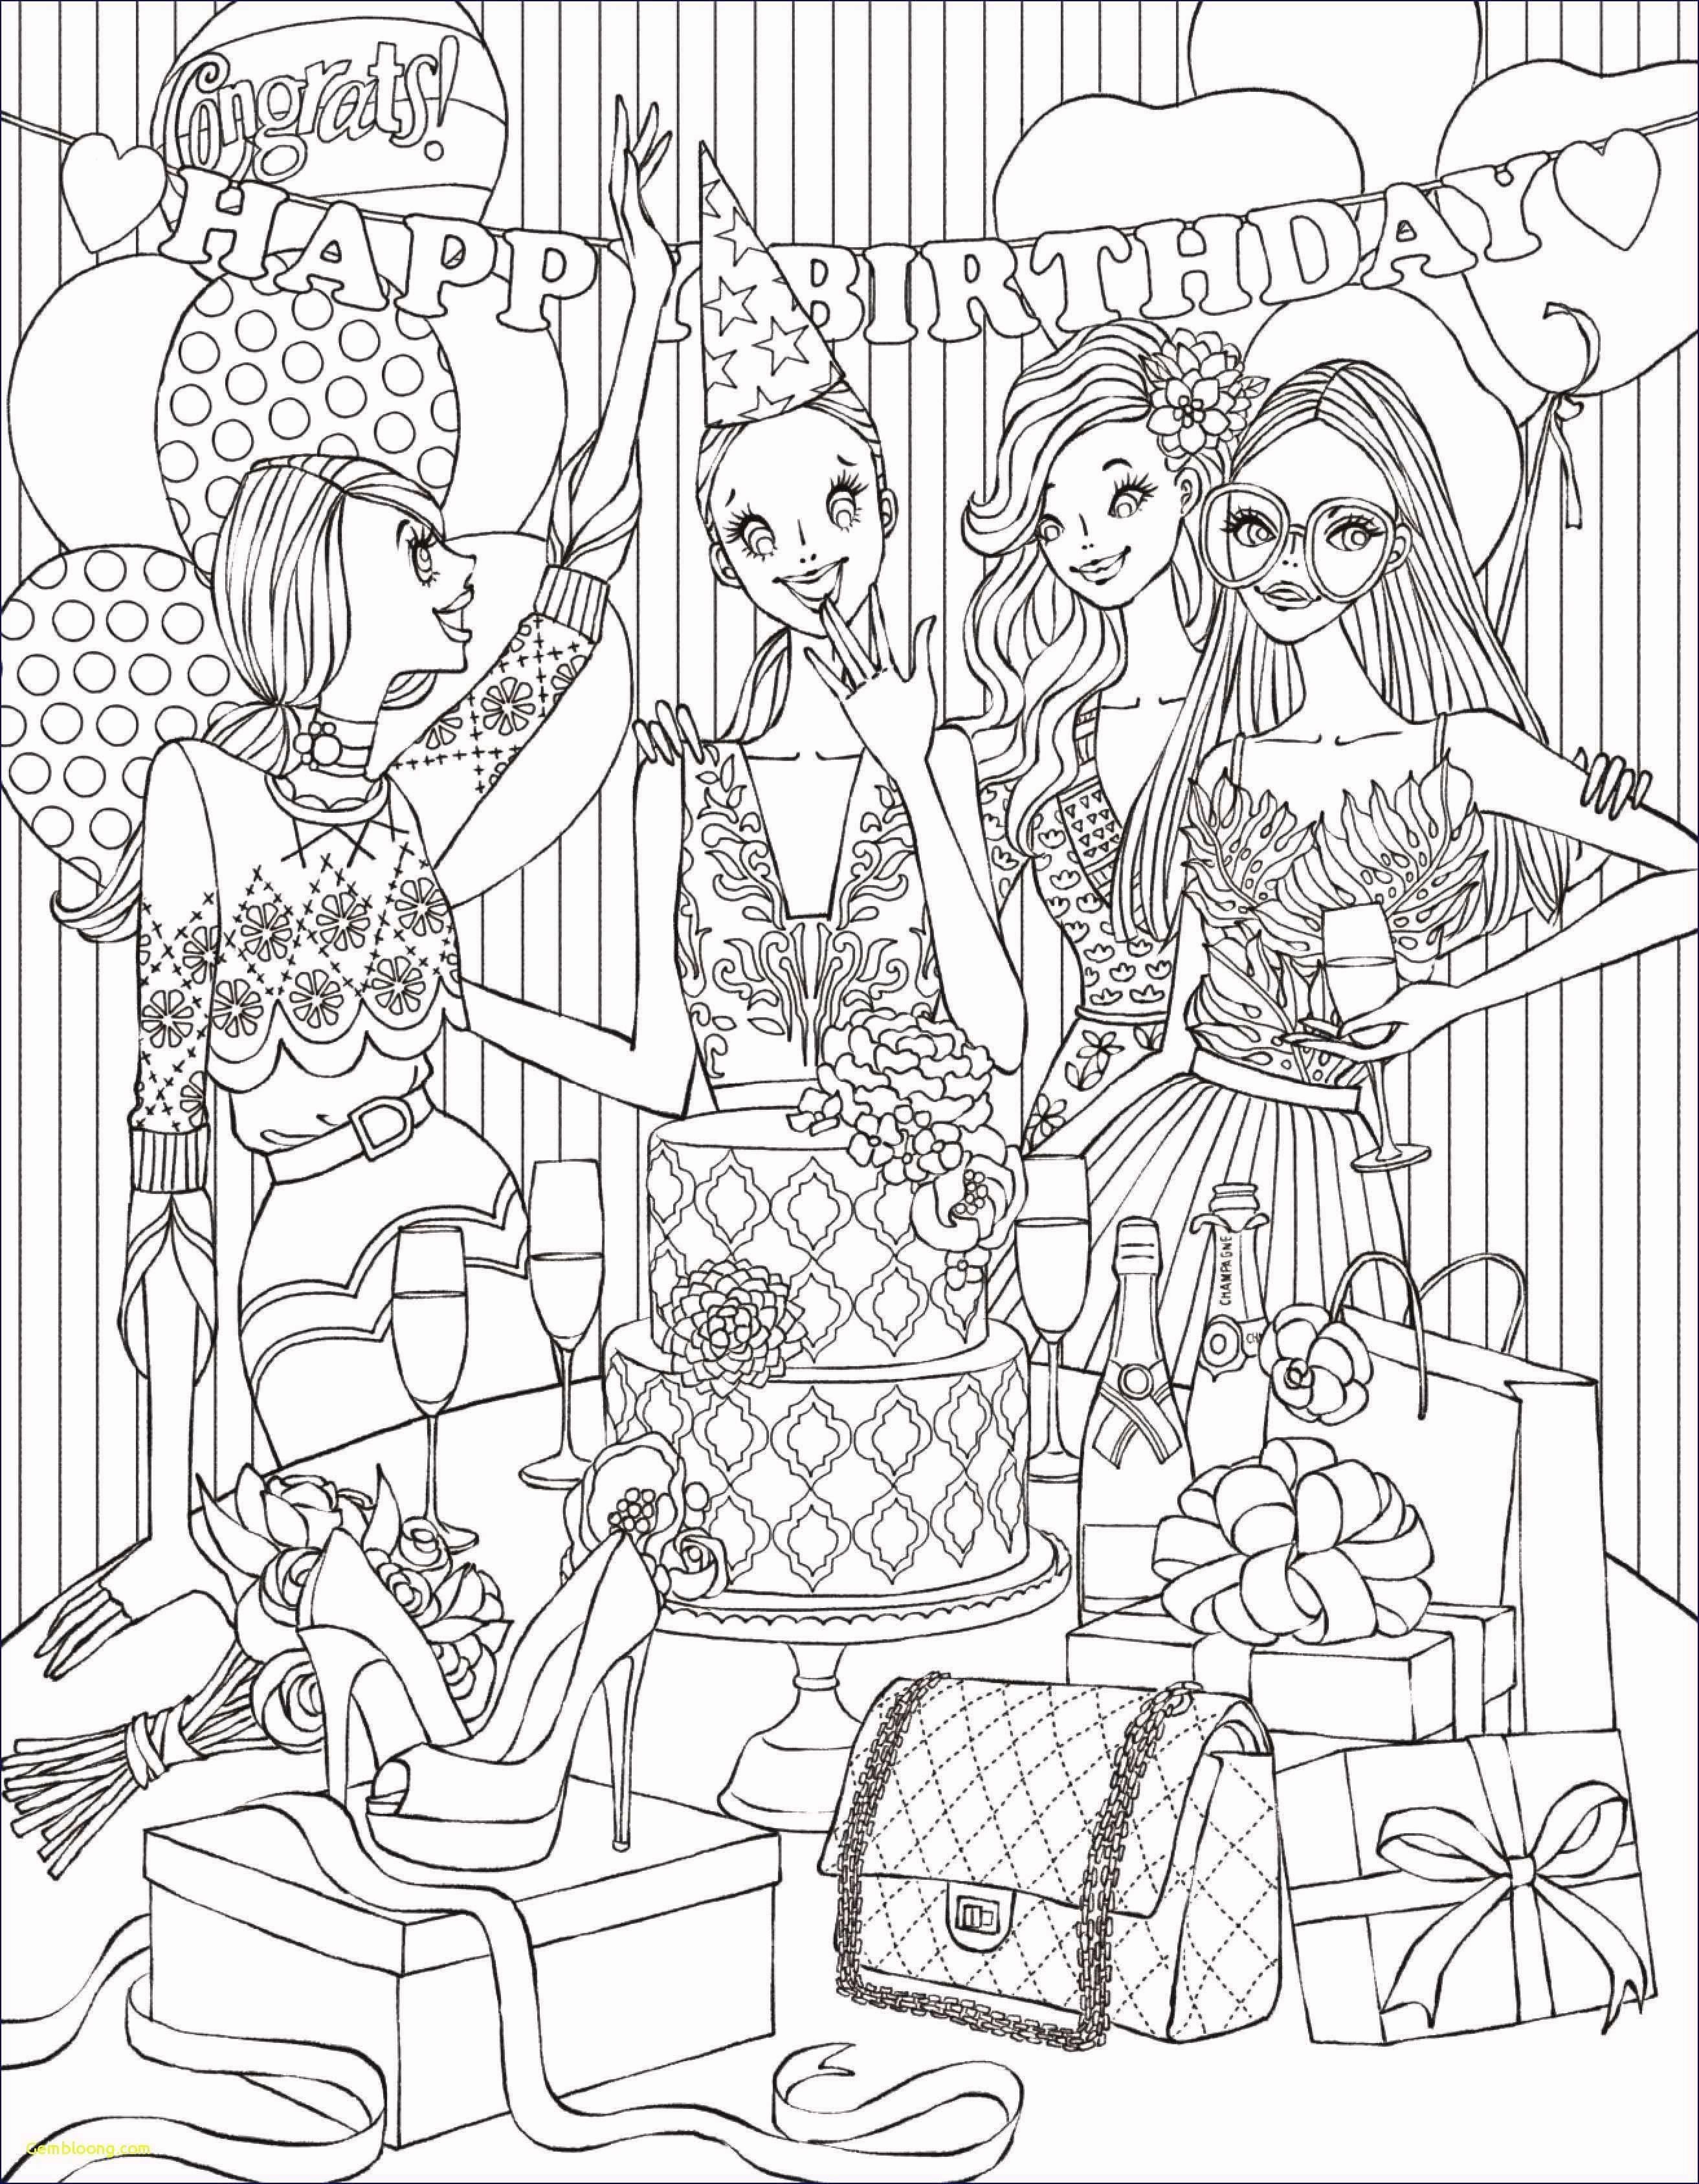 Ausmalbild Weihnachten Bilder Zum Ausmalen Frisch 17 Inspirierend Barbie Spiele Gratis Fotografieren